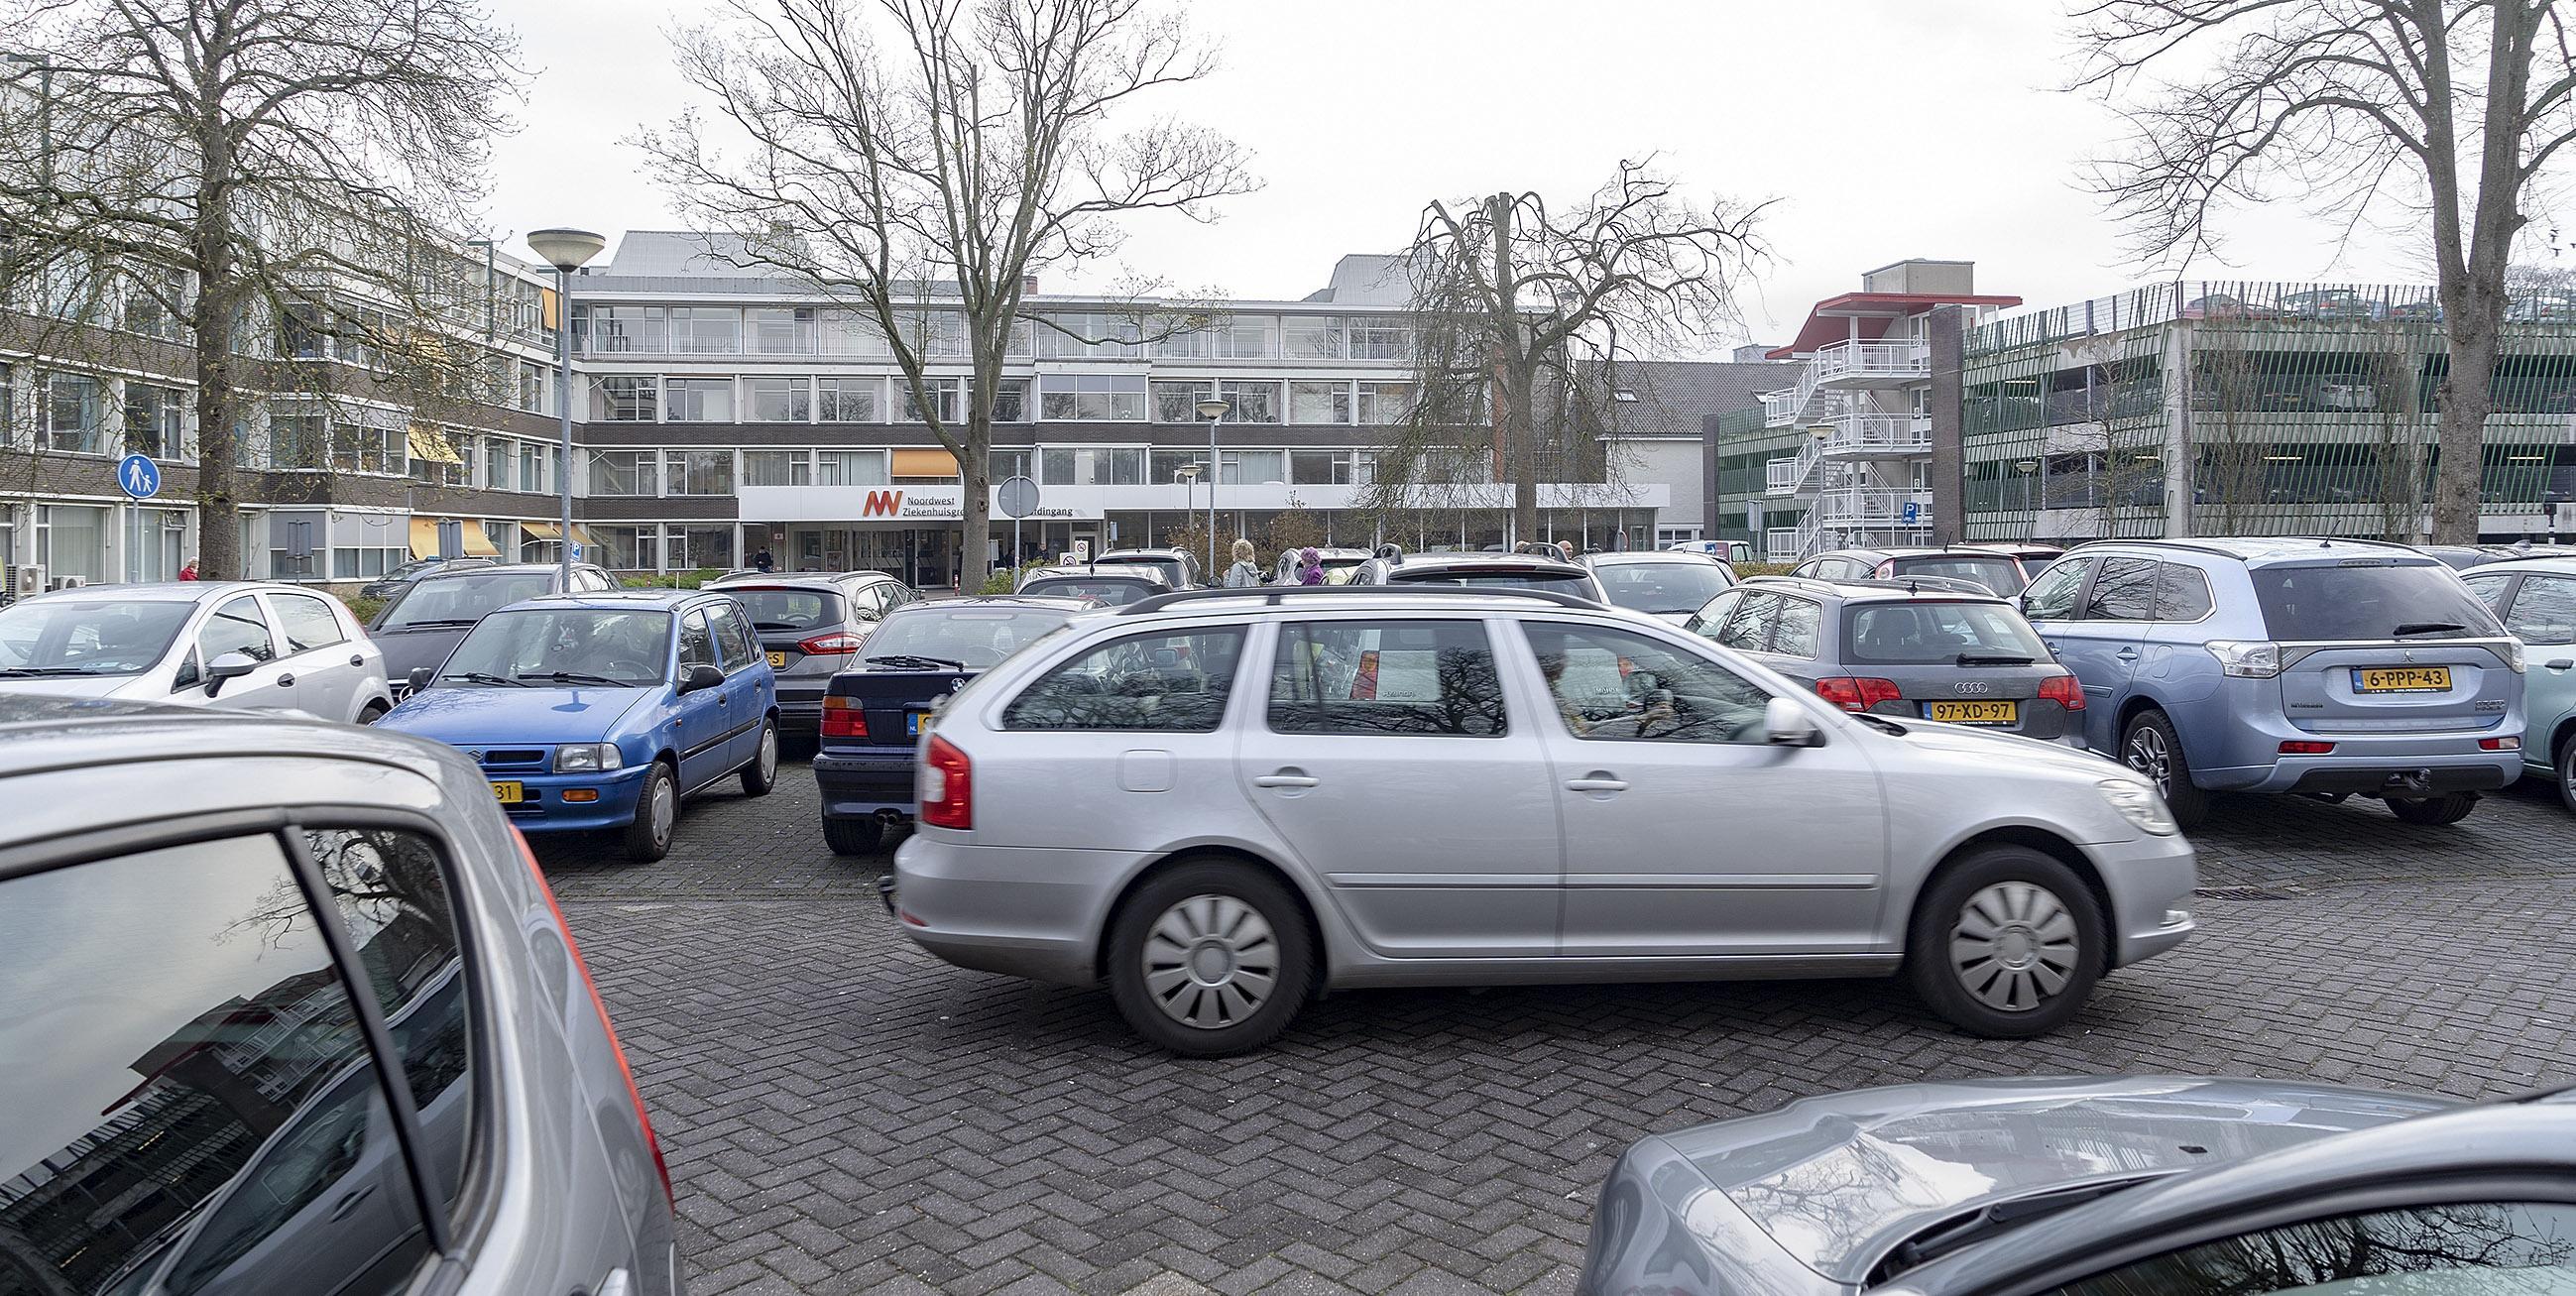 Ziekenhuizen in Noord-Holland innen jaarlijks ruim 2 miljoen euro aan parkeergeld